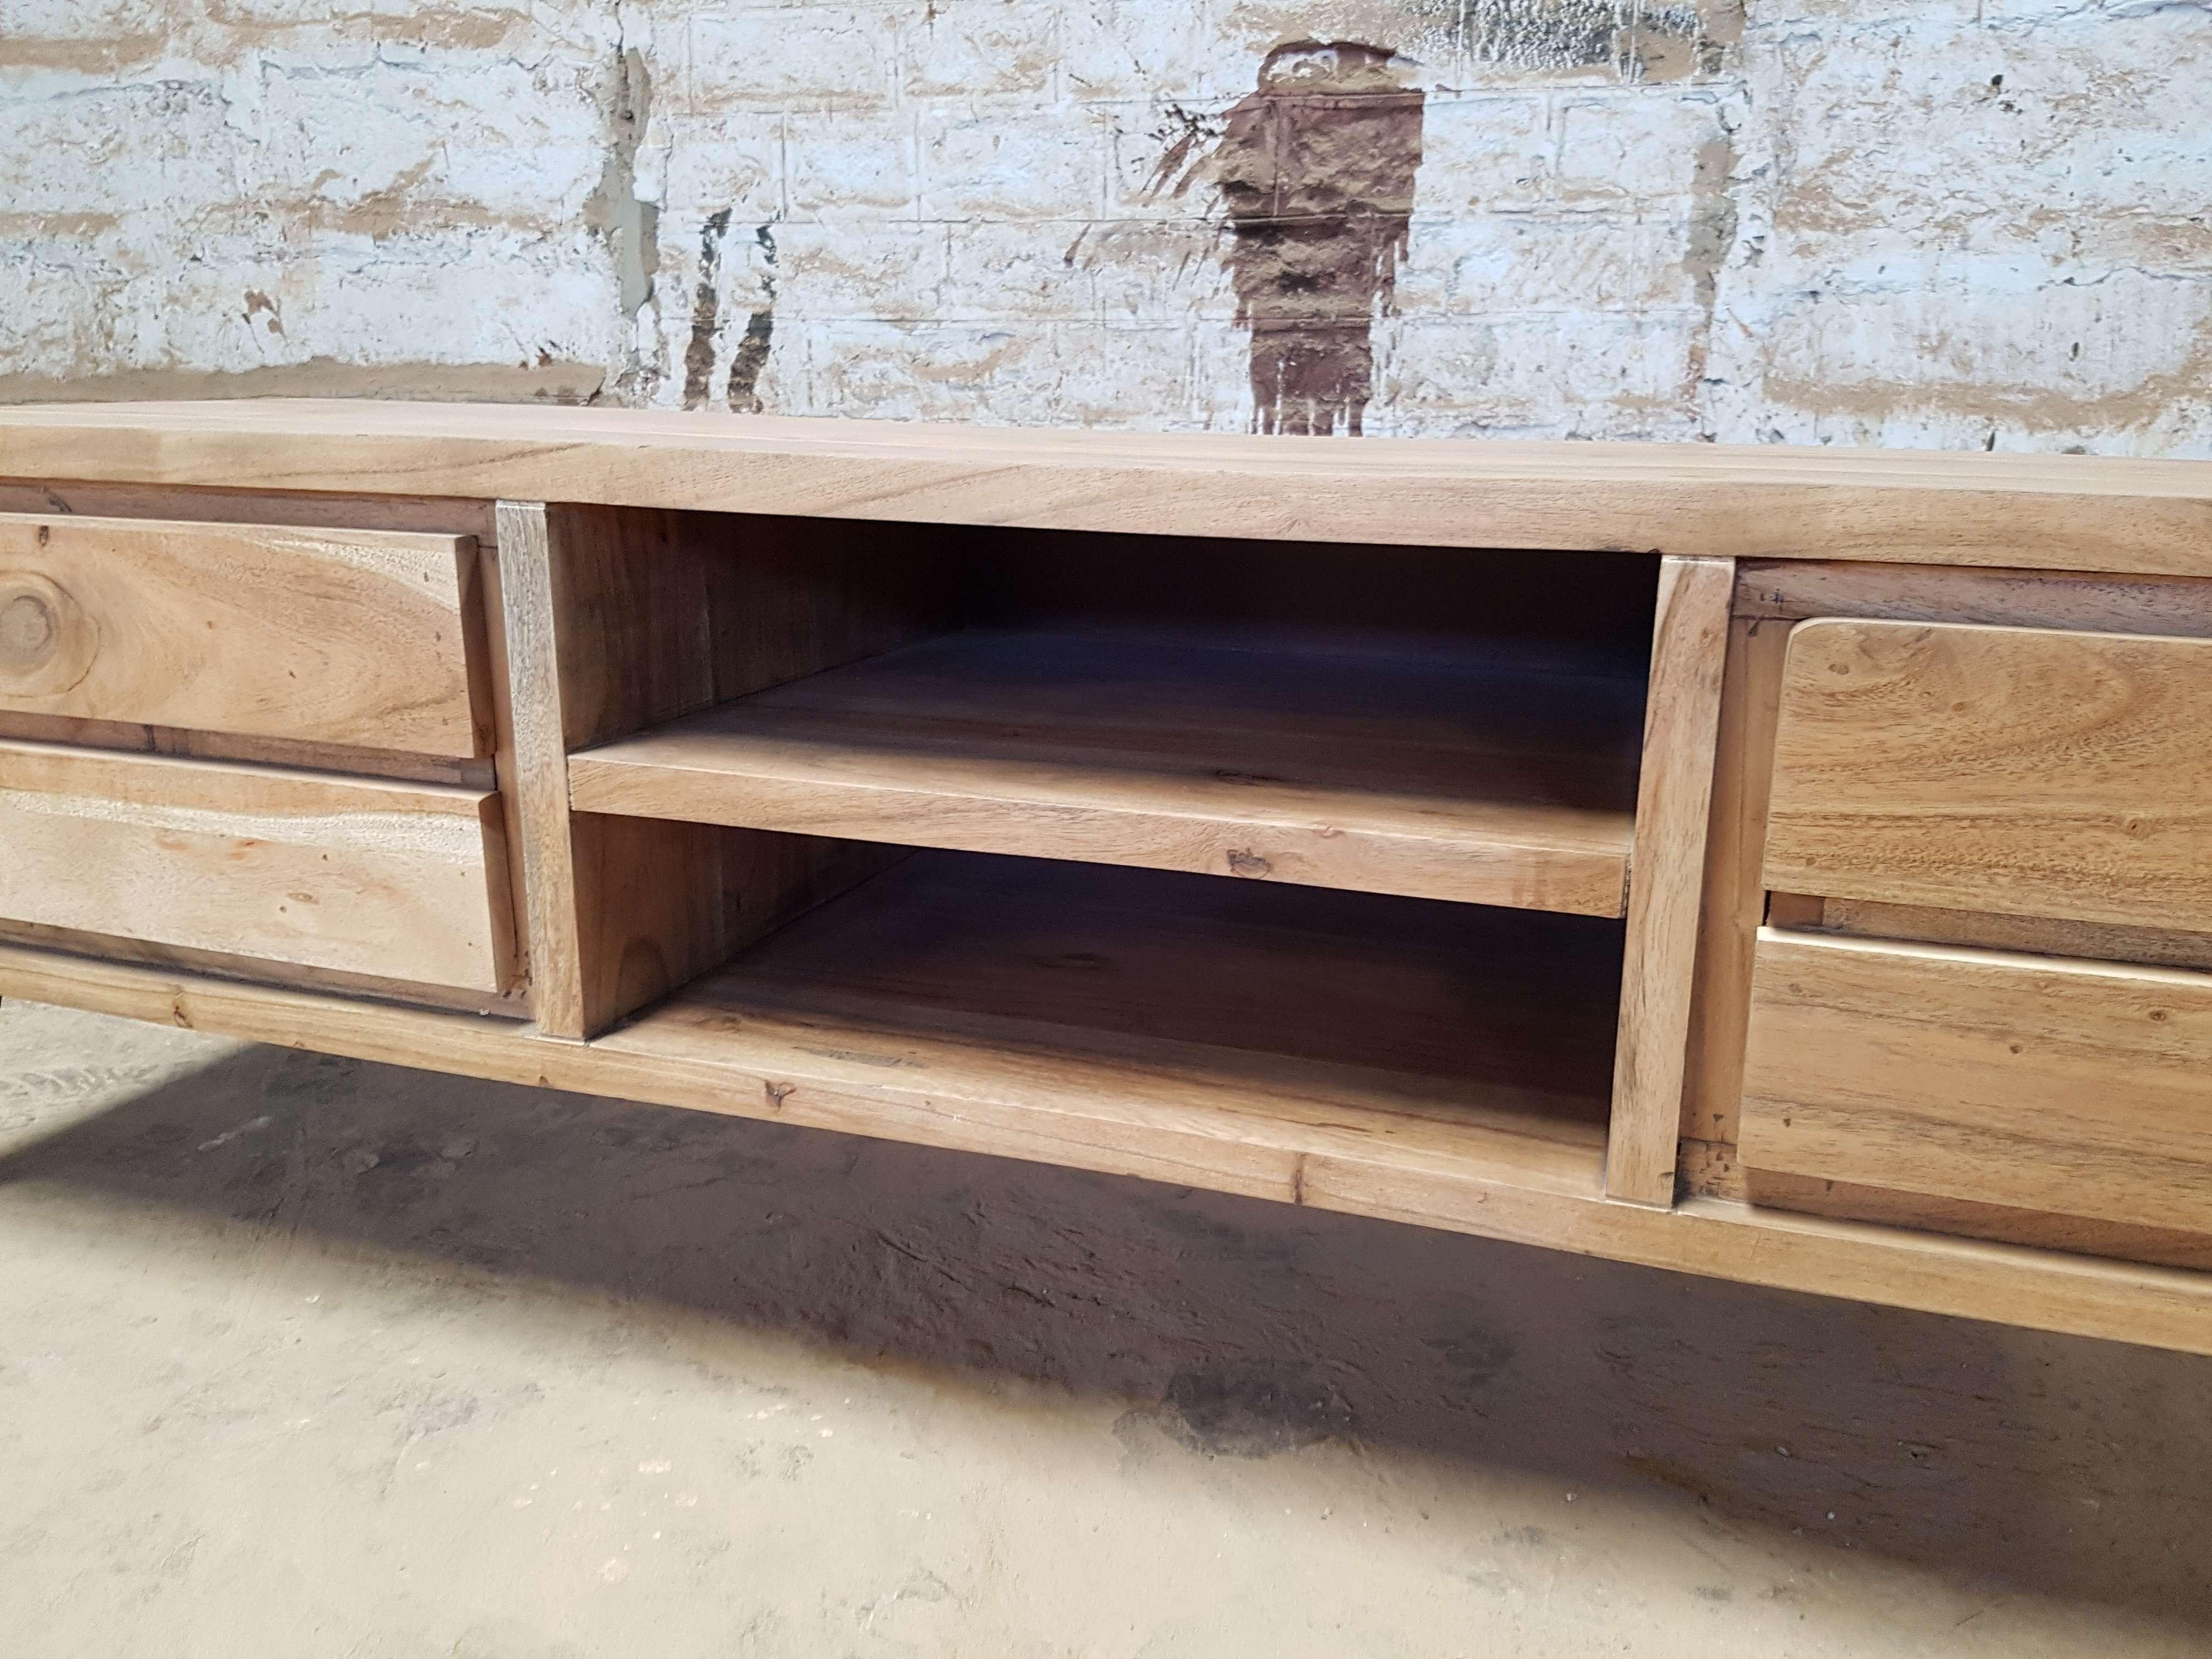 Industrial Furniture – Scandinavian Wooden Tv Cabinet Scandus With Throughout Scandinavian Tv Stands (View 5 of 15)